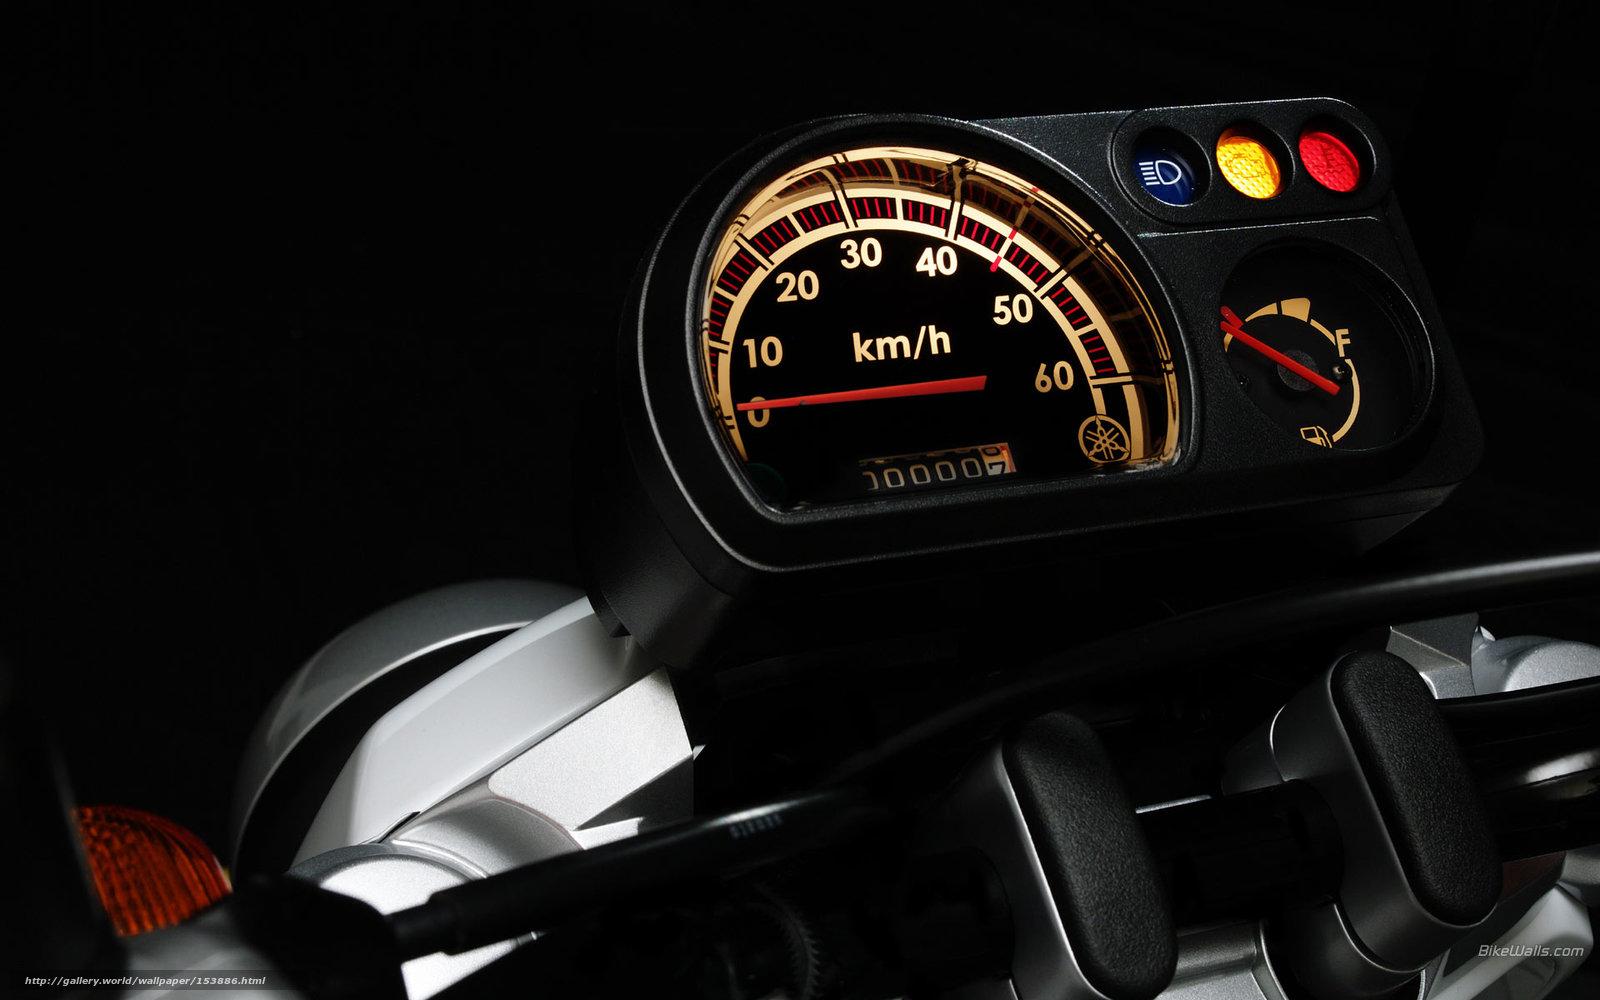 Скачать обои Yamaha,  Scooter,  Giggle,  Giggle 2008 бесплатно для рабочего стола в разрешении 1920x1200 — картинка №153886